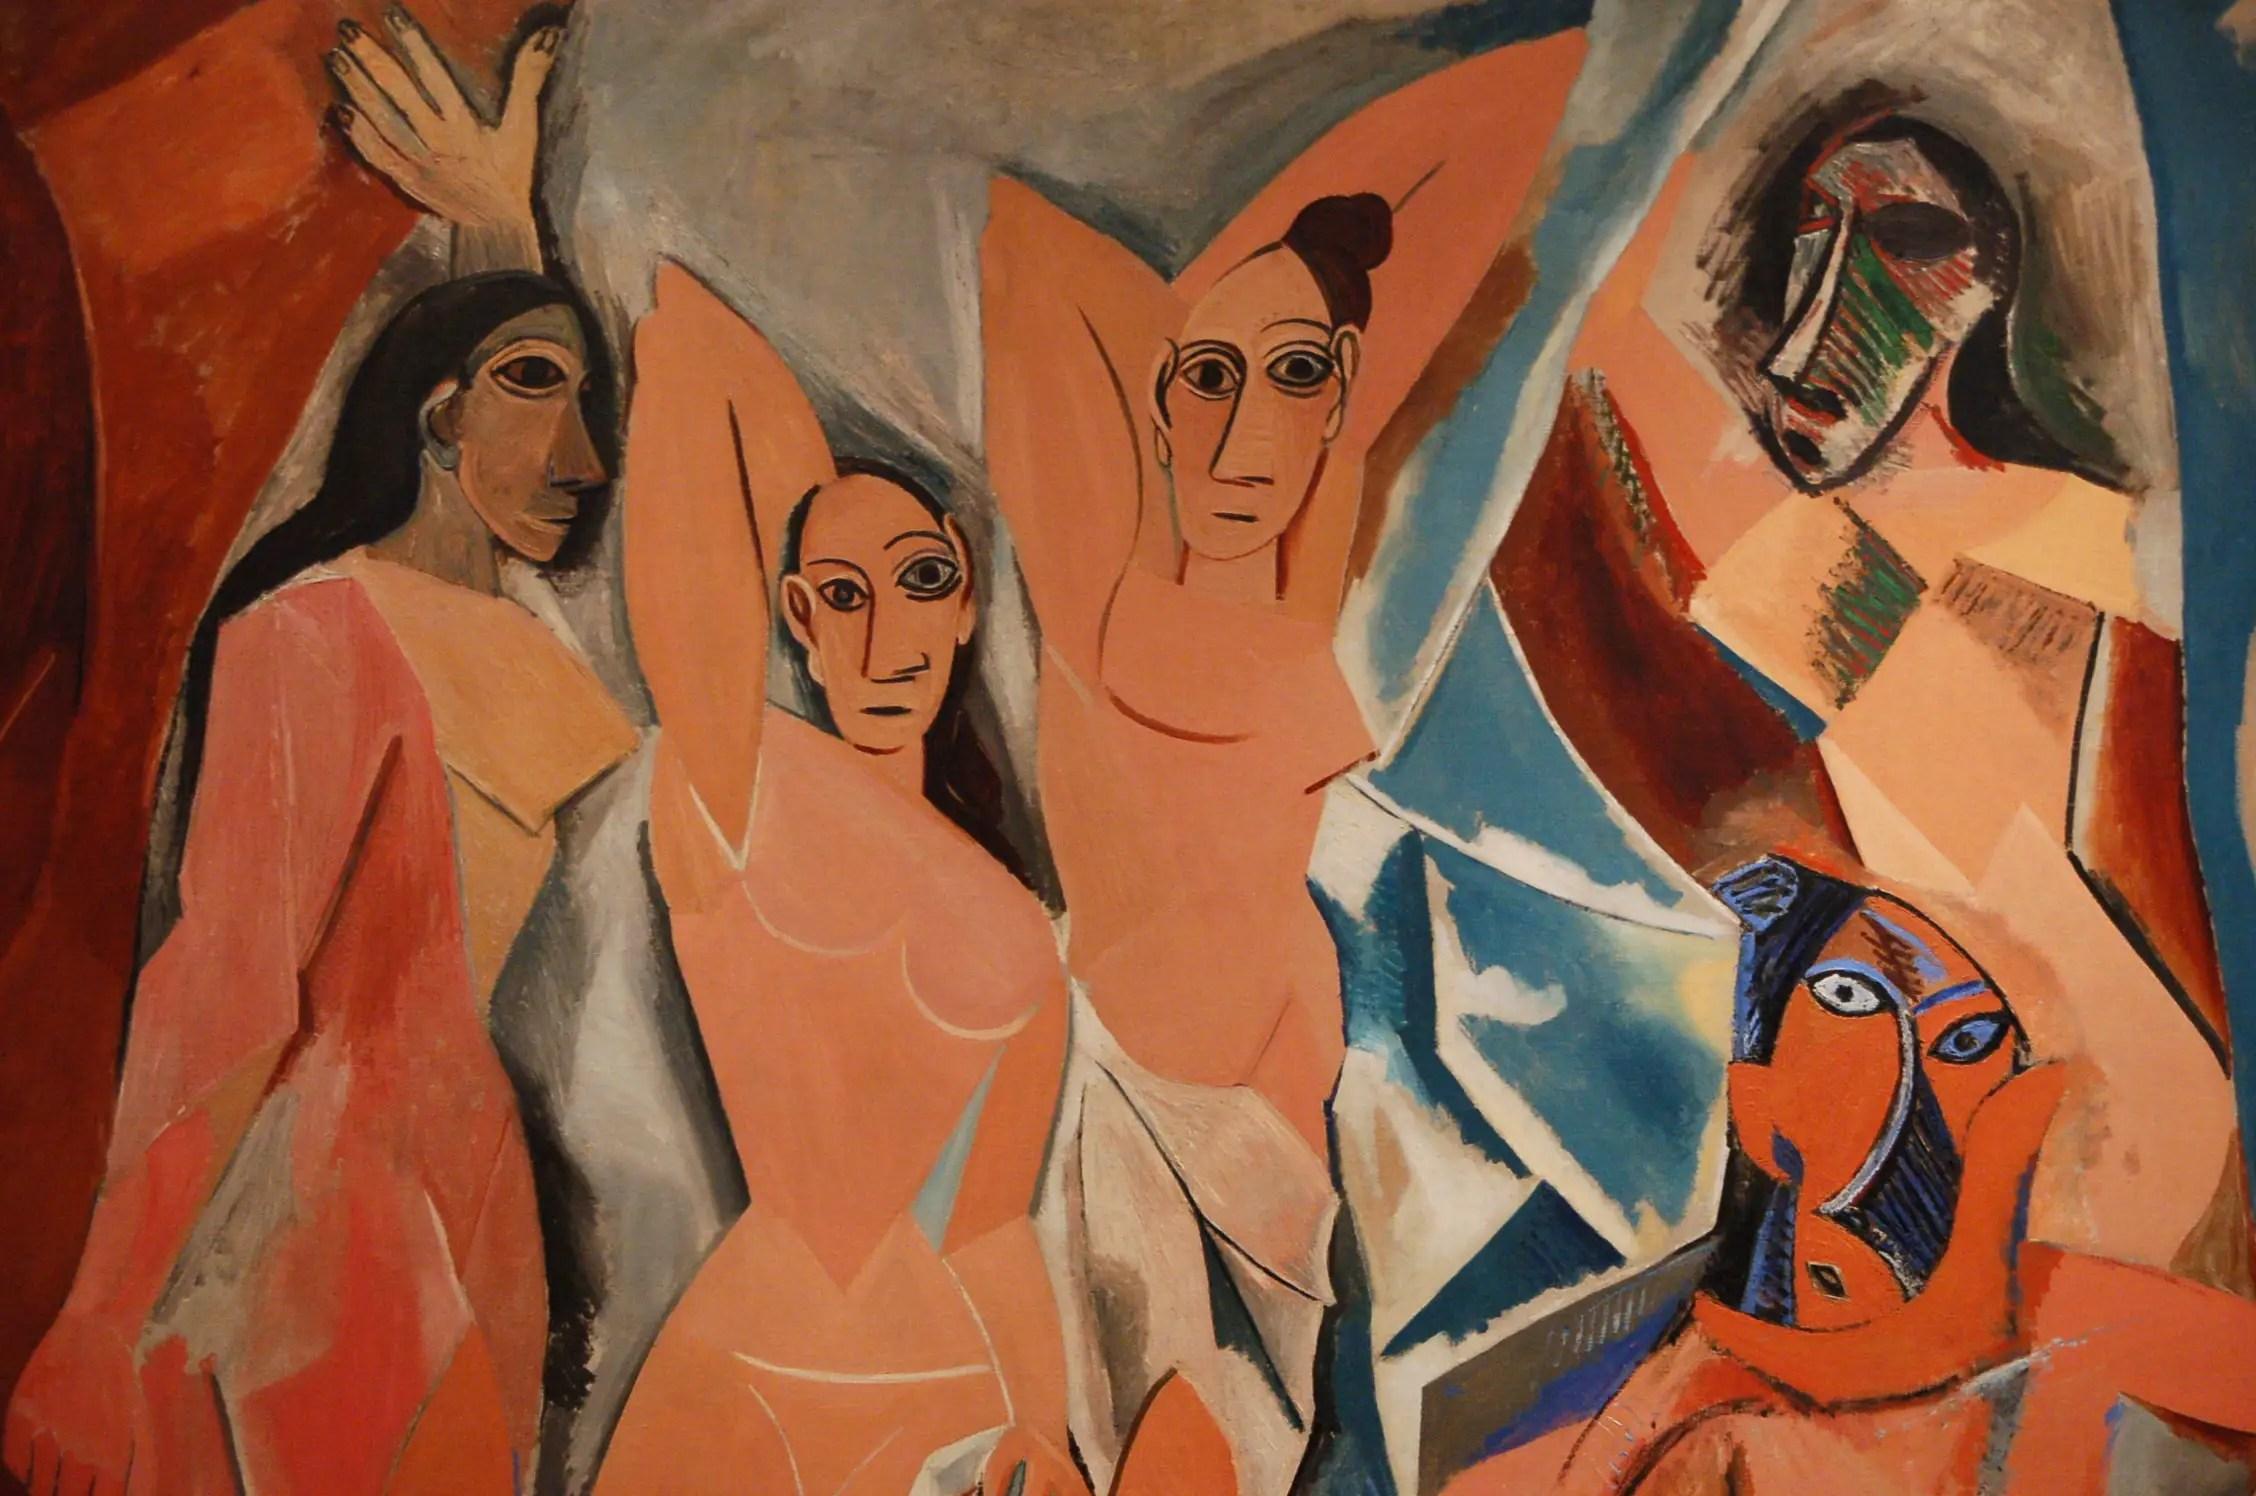 Les Demoiselles d'Avignon de Pablo Picasso au Musée d'Art Moderne de New York City.